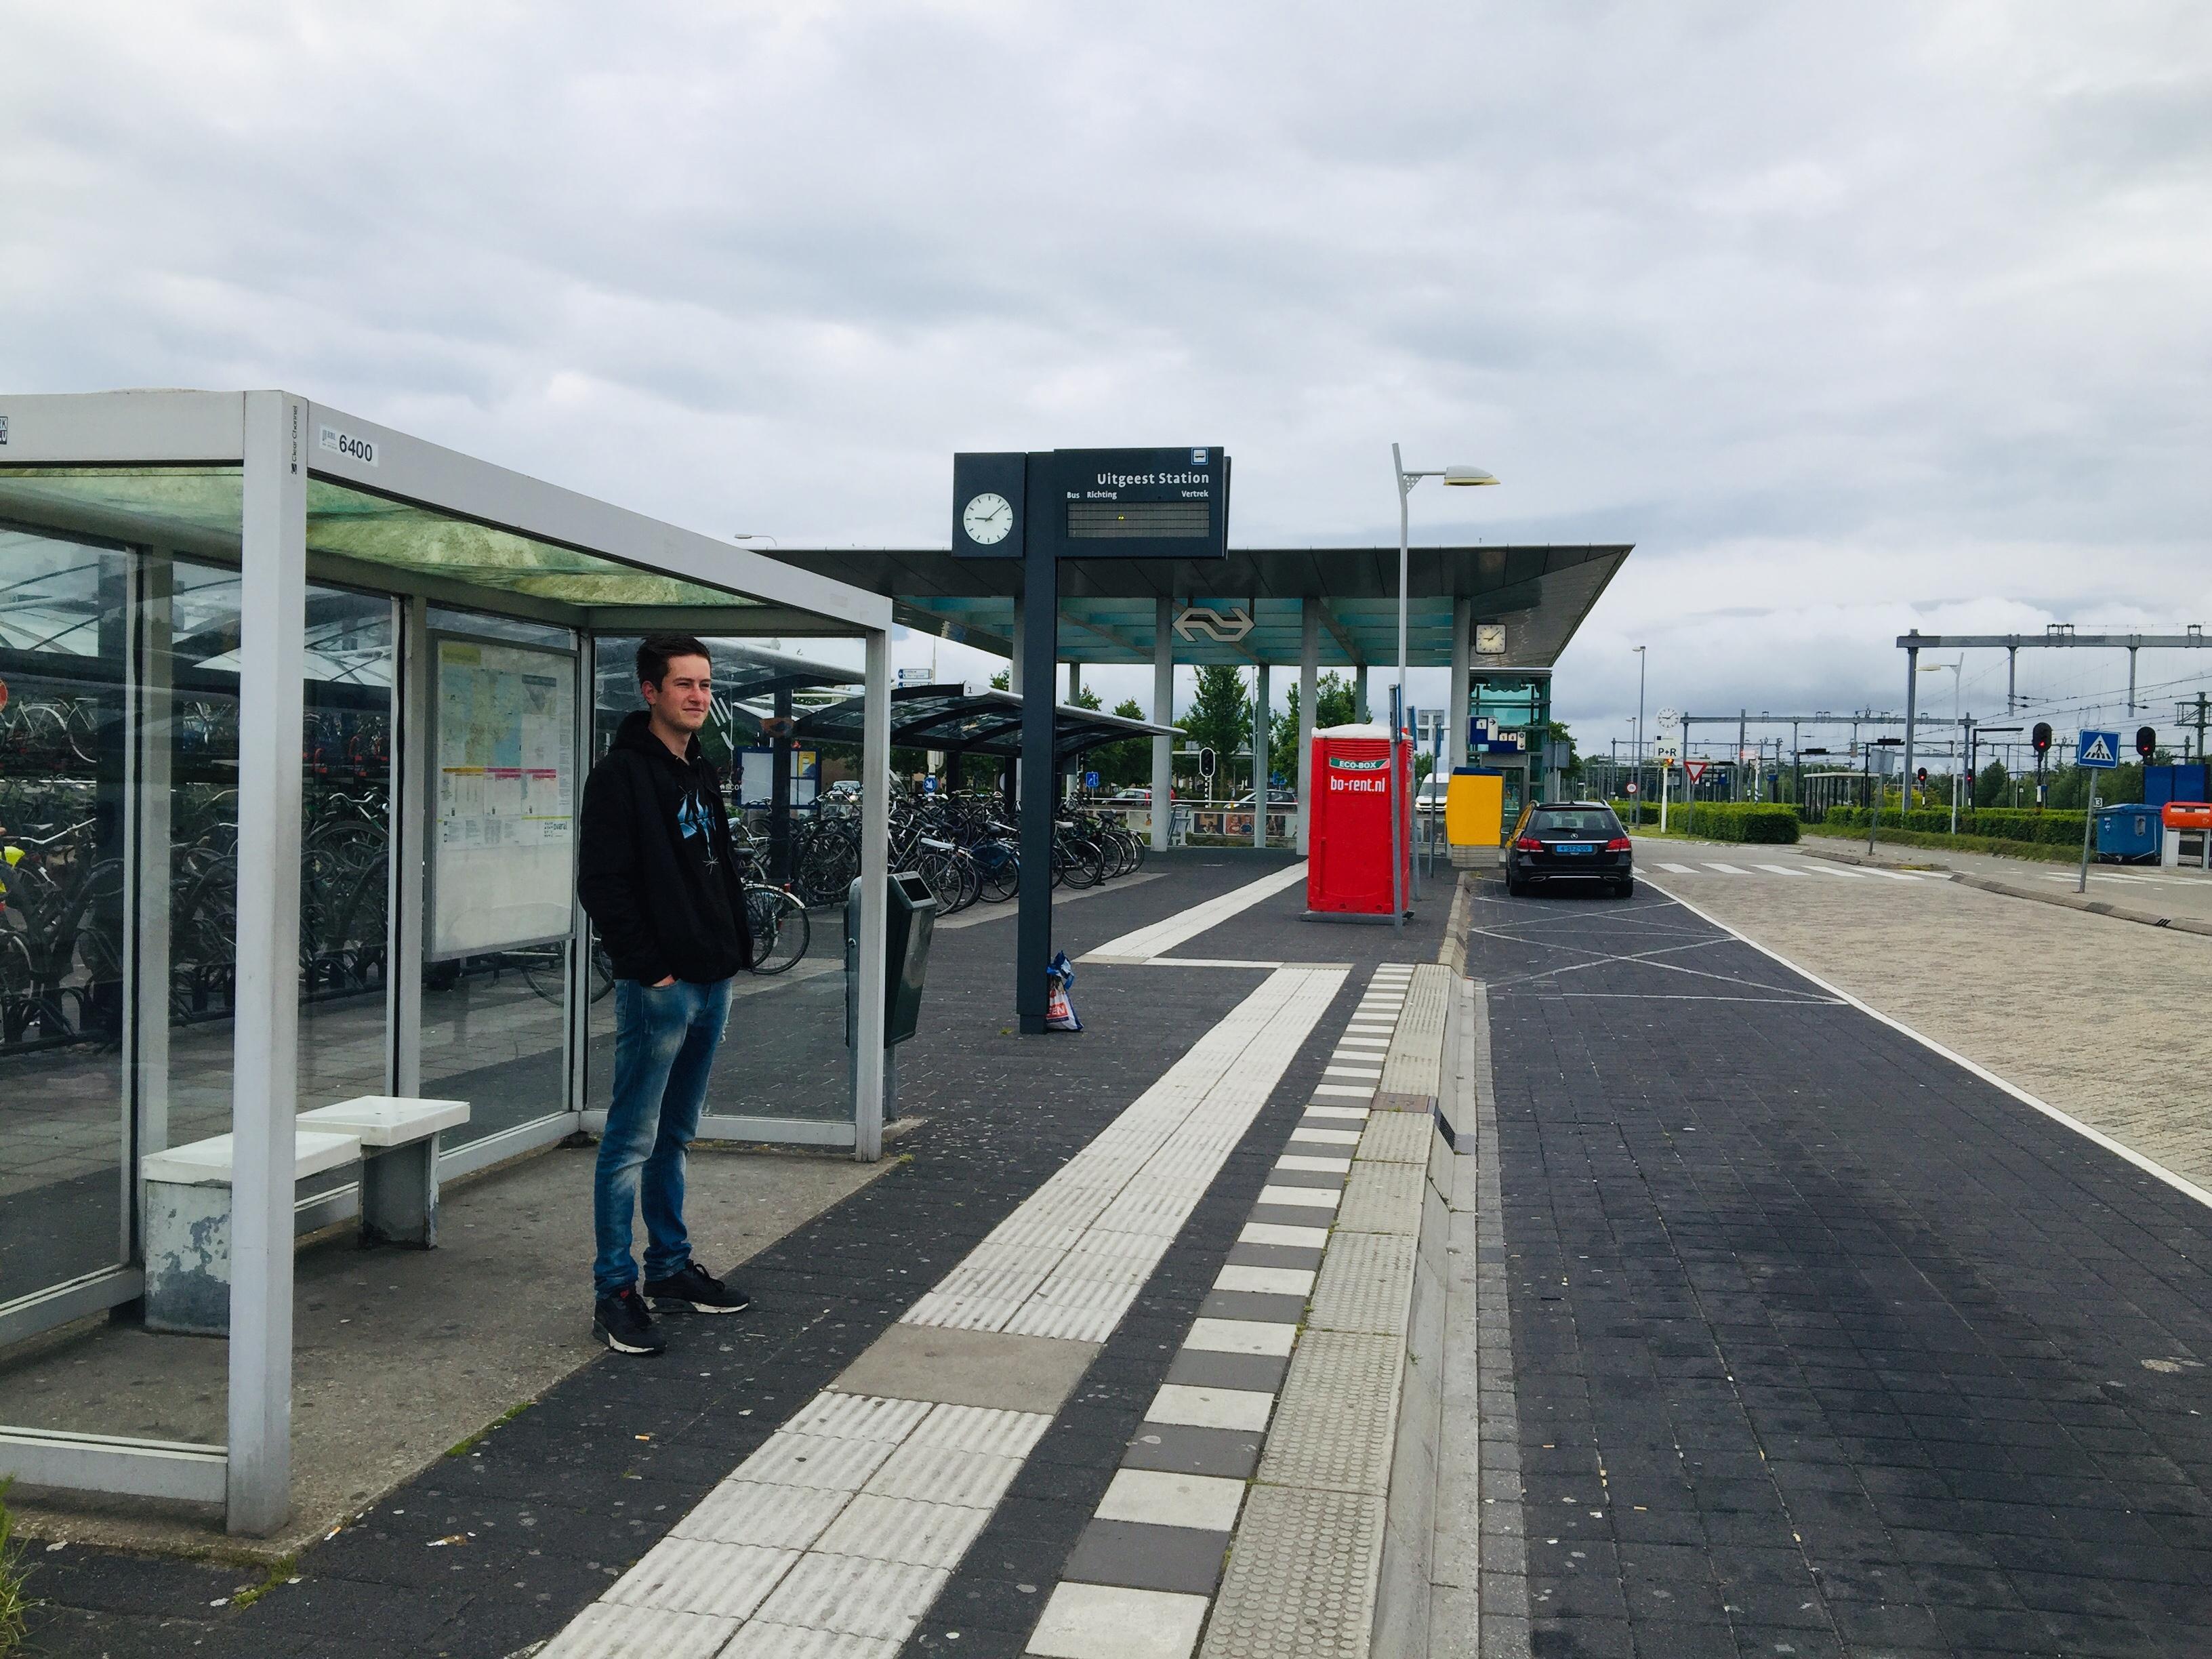 Lege perrons op de stations Uitgeest, Castricum, Heemskerk en Beverwijk, althans bijna leeg: 'Staking, ik kijk alleen Youtube en Netflix'